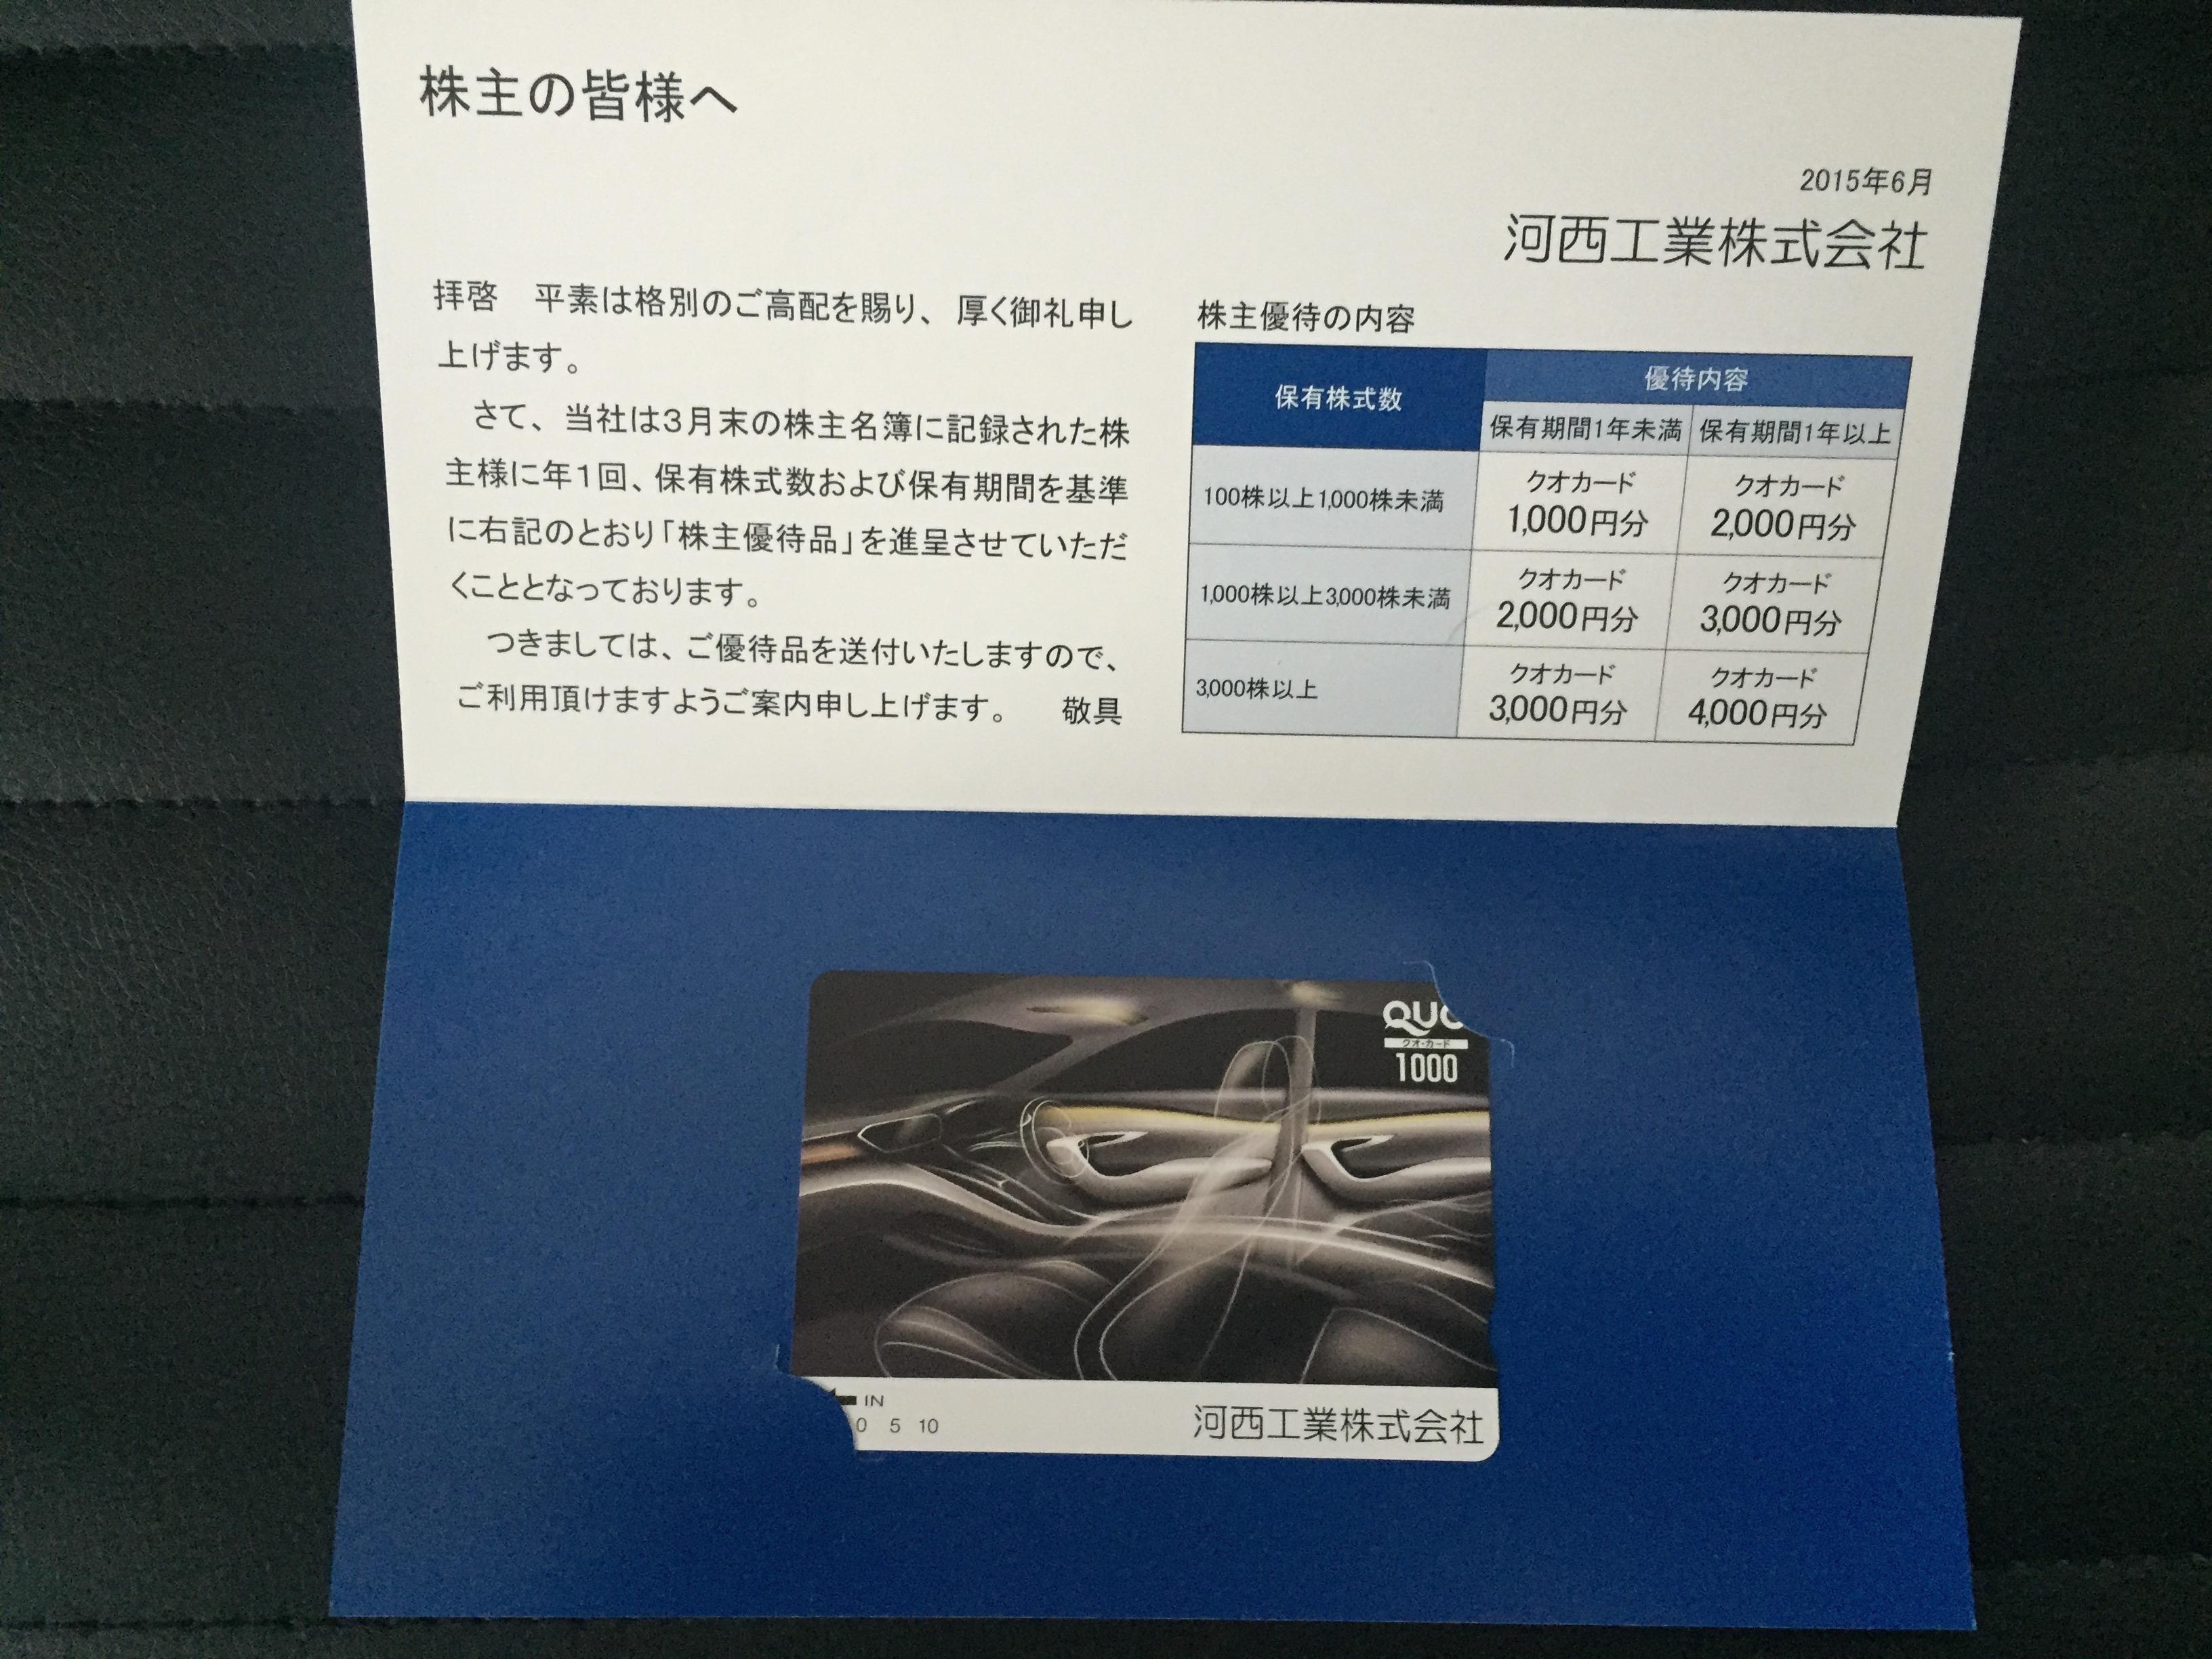 河西工業(7256)の株主優待を徹底解説!! 最大4,000円相当のクオカードがもらえます!!